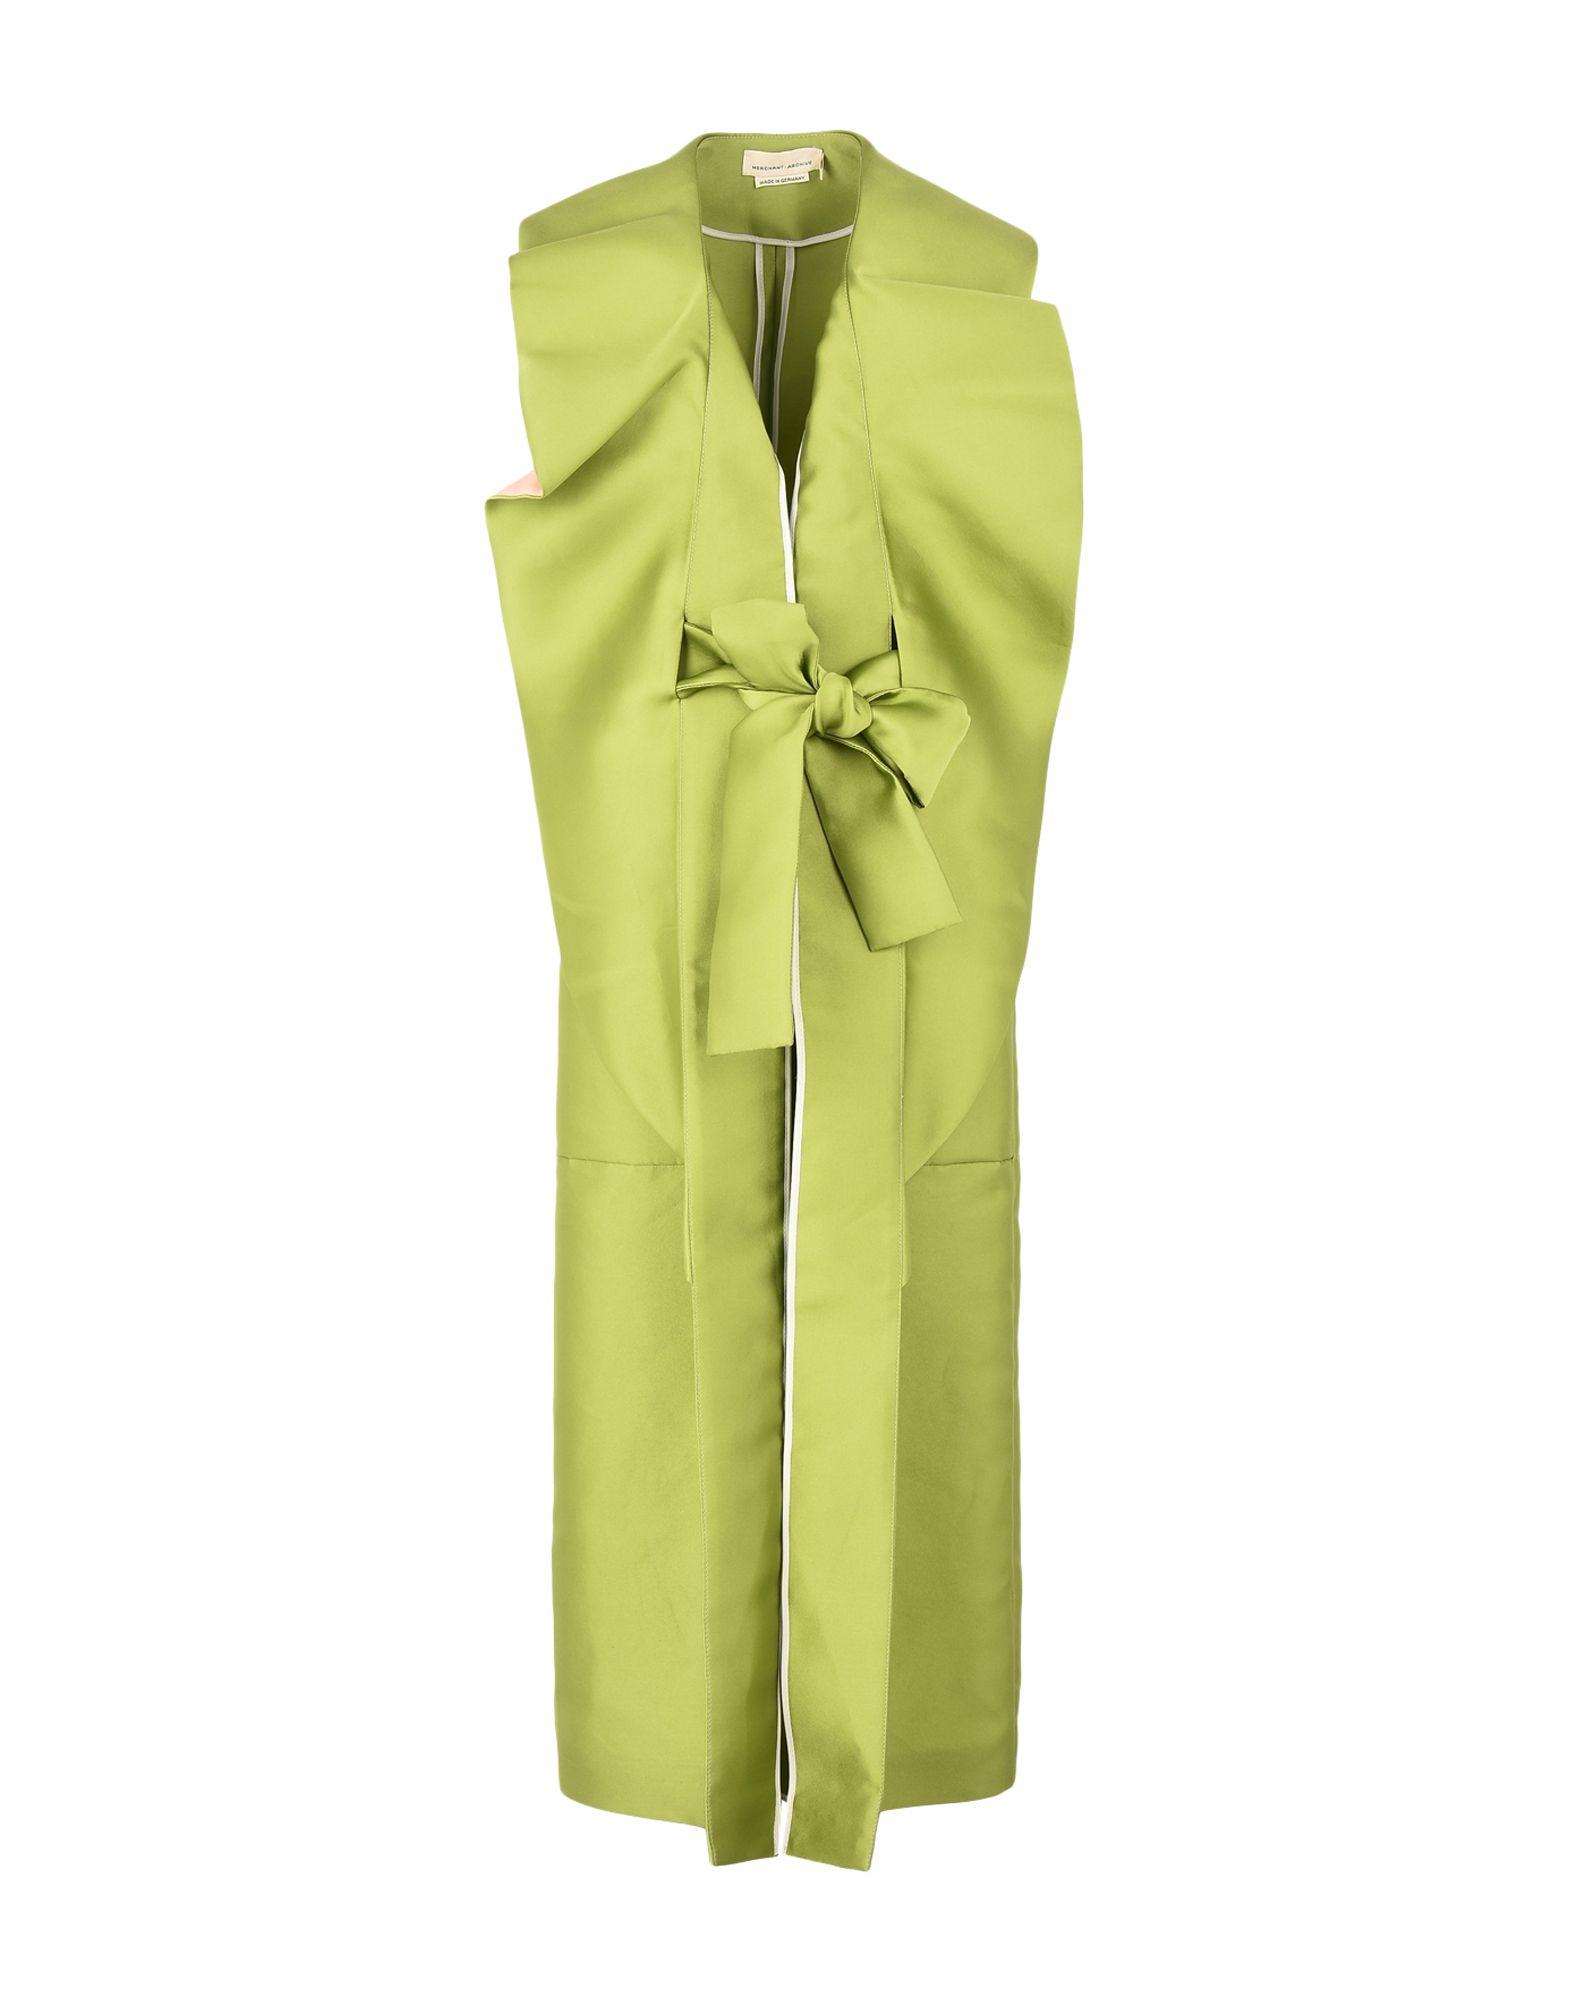 MERCHANT ARCHIVE Overcoats in Green